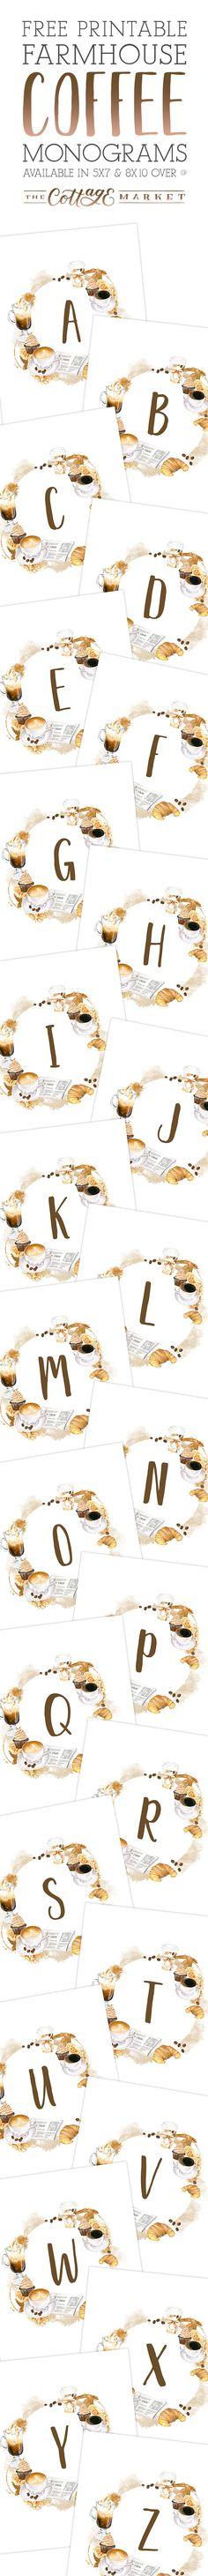 Free Printable Farmhouse Coffee Monograms